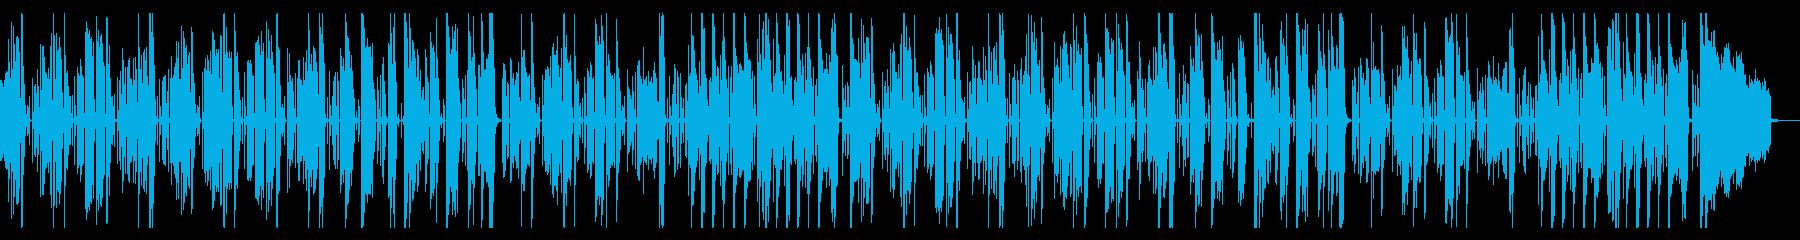 コミカルでほんわかゆったりした曲の再生済みの波形